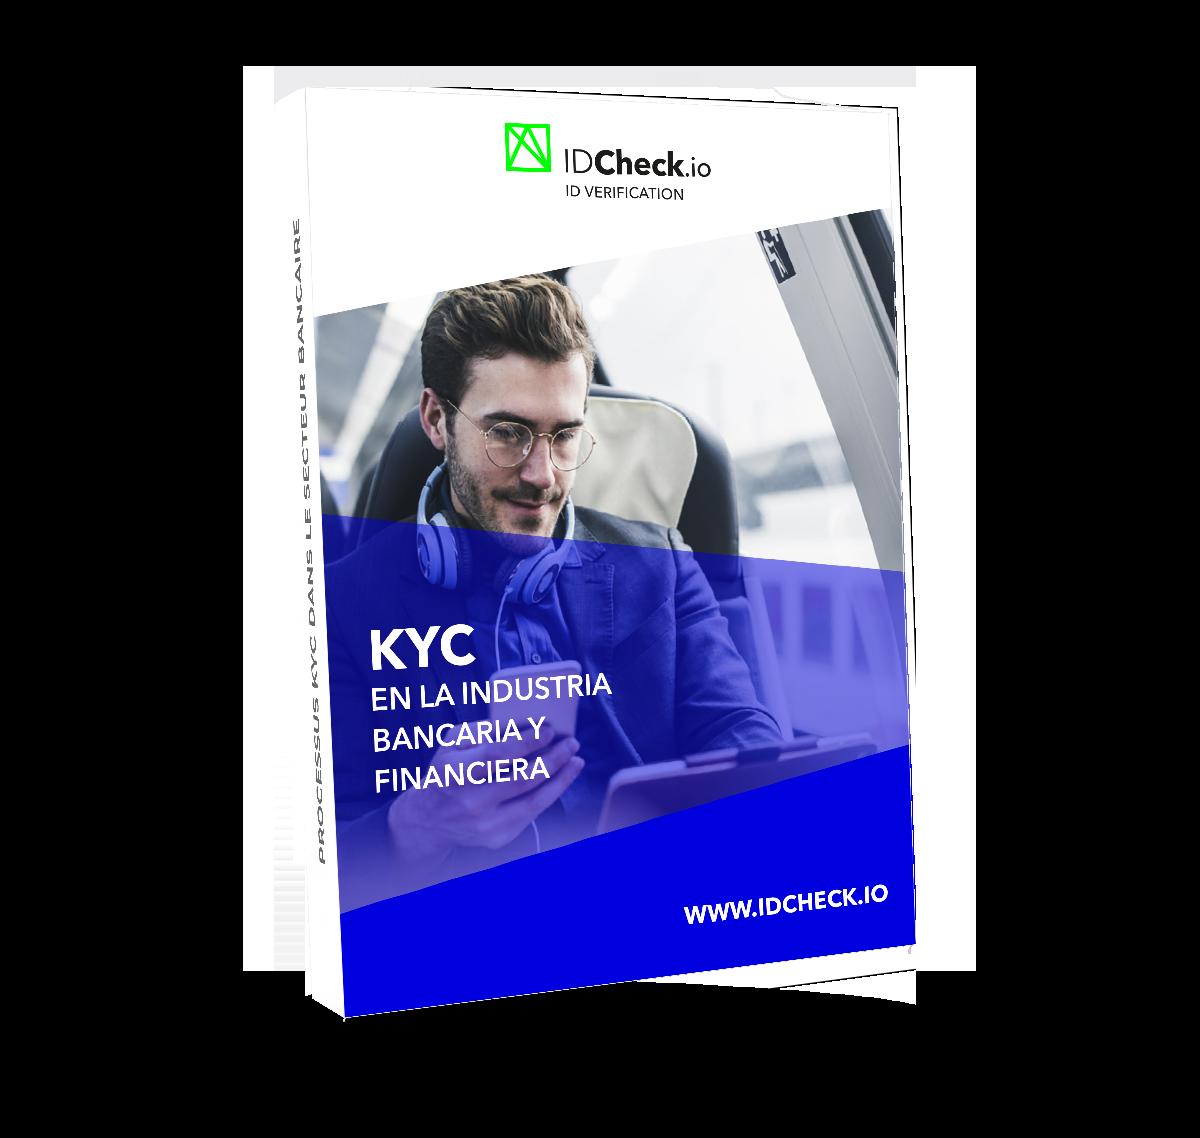 KYC en la industria bancaria y financiera